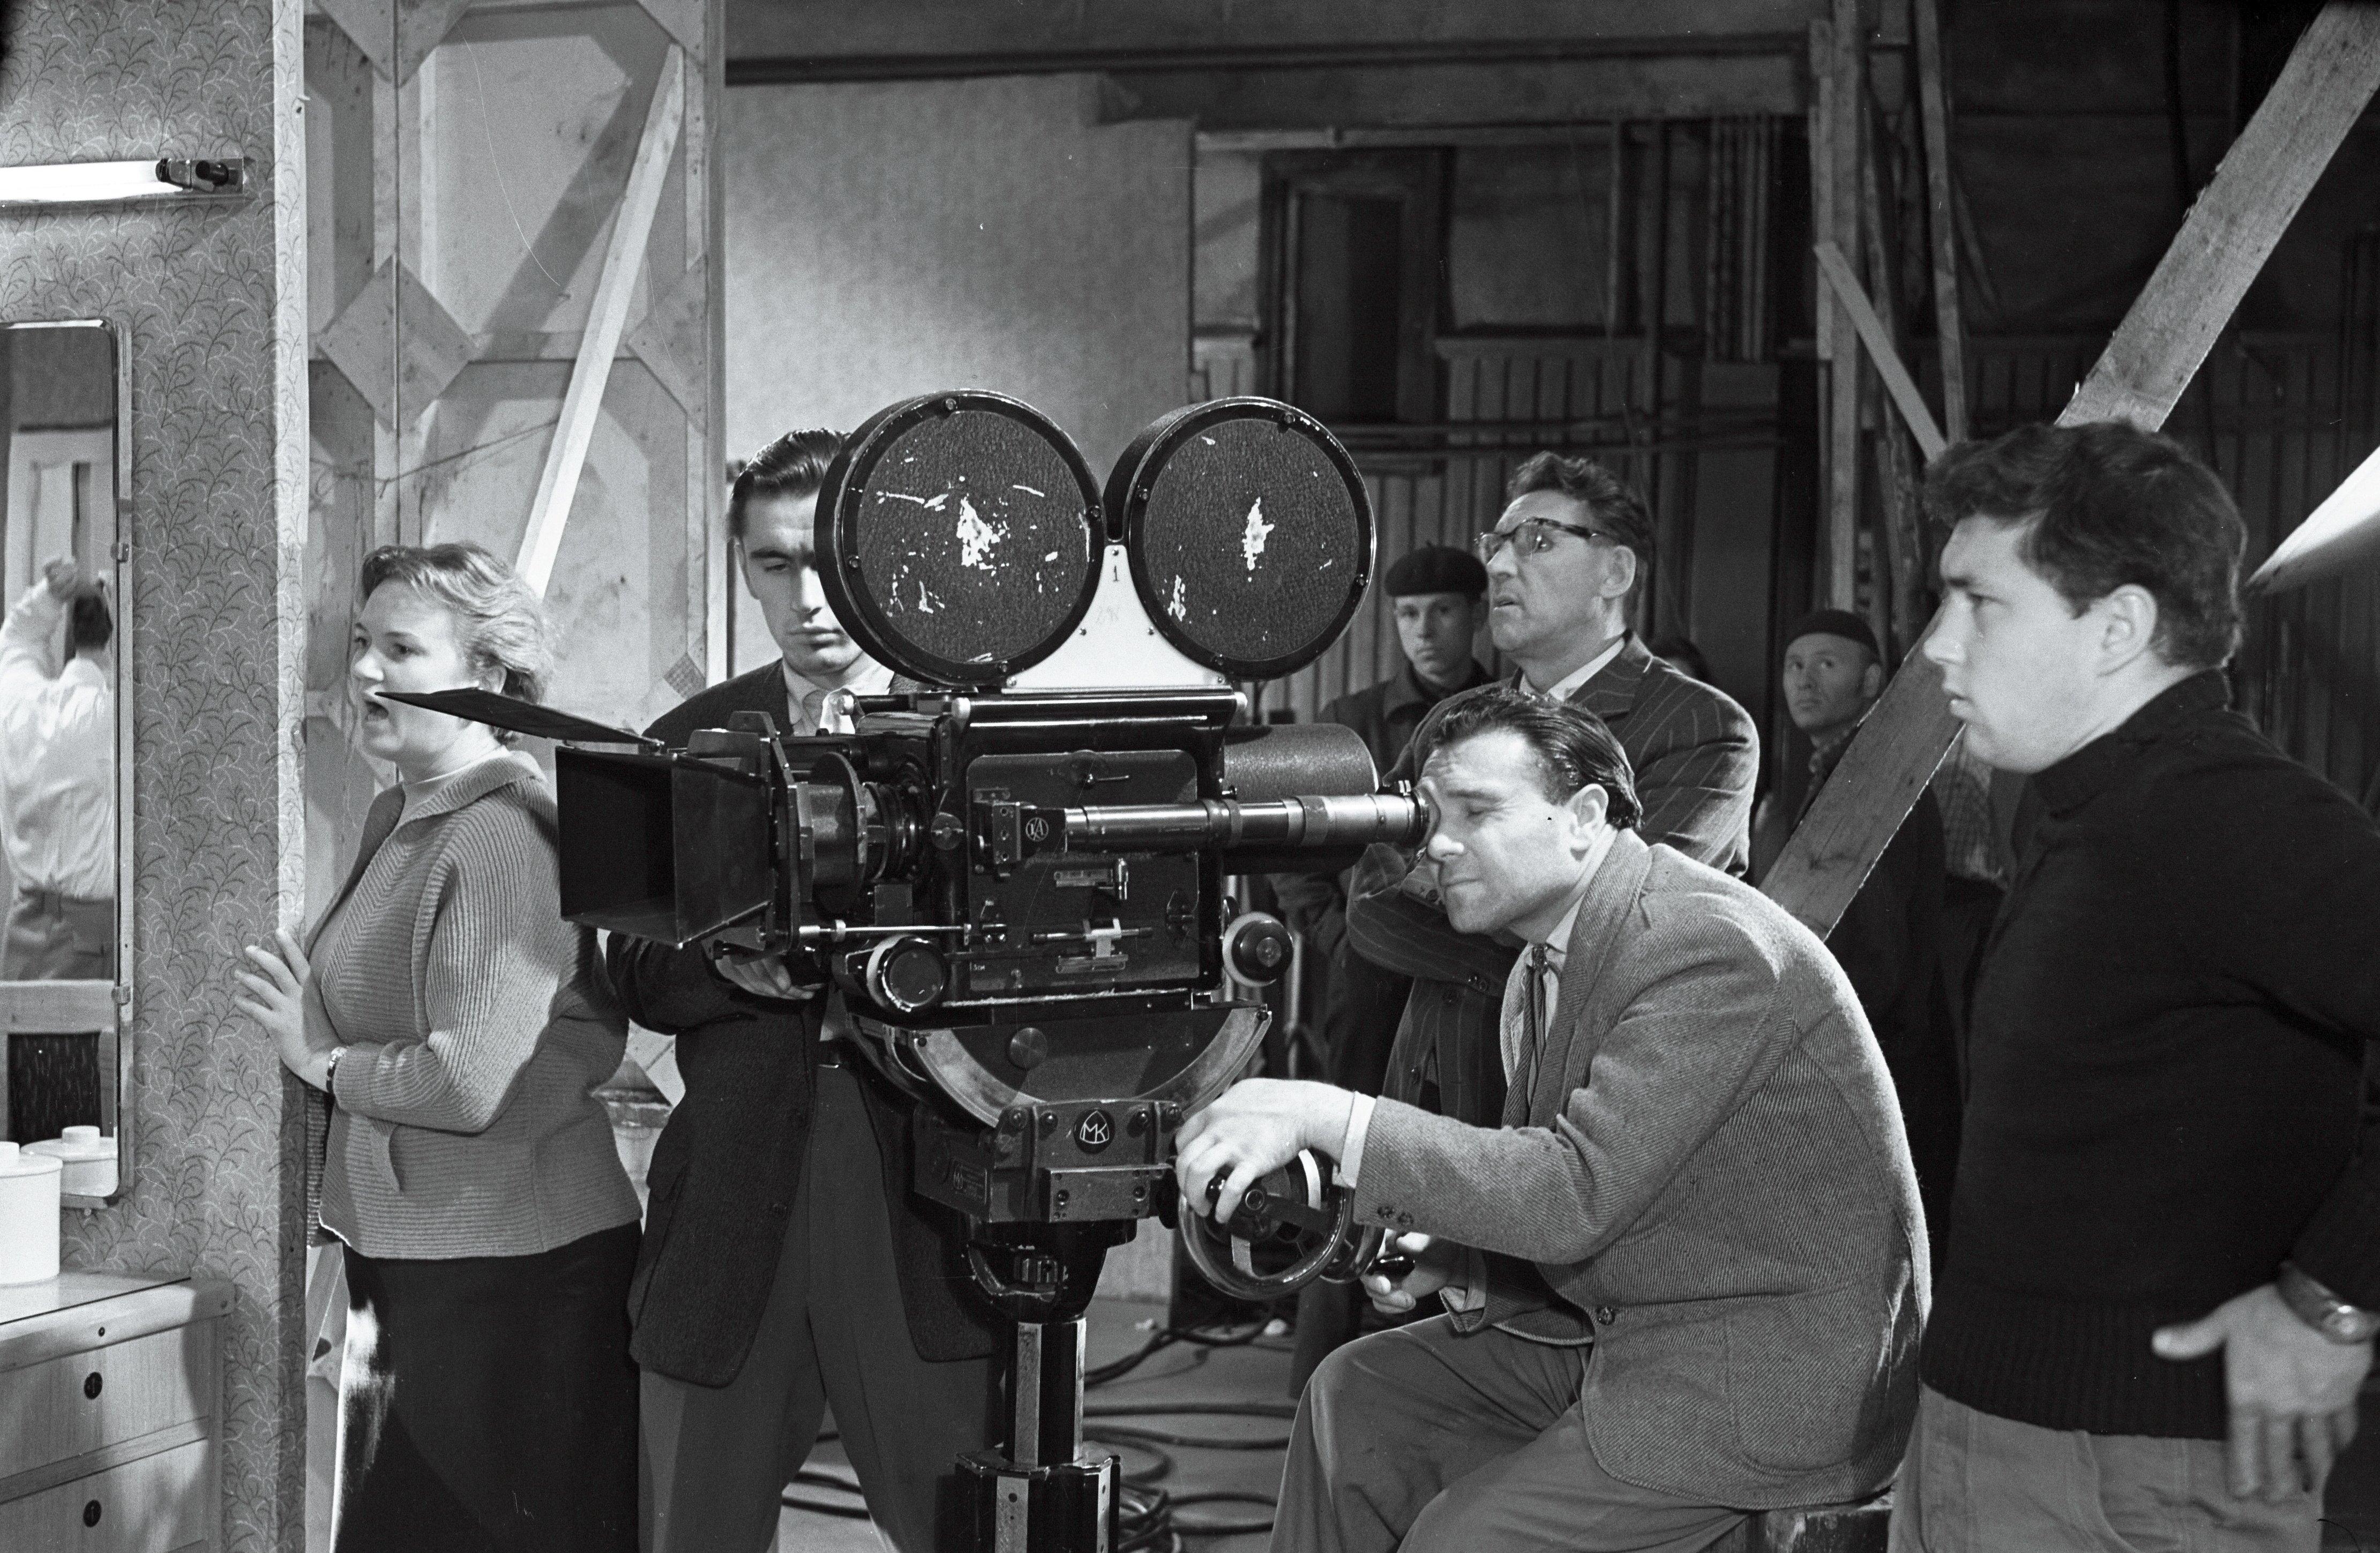 """EFA 1-2672. Mängufilmi """"Juhuslik kohtumine"""" võtetel, kaamera taga operaator Semjon Školnikov. Foto: autor teadmata, 1960"""